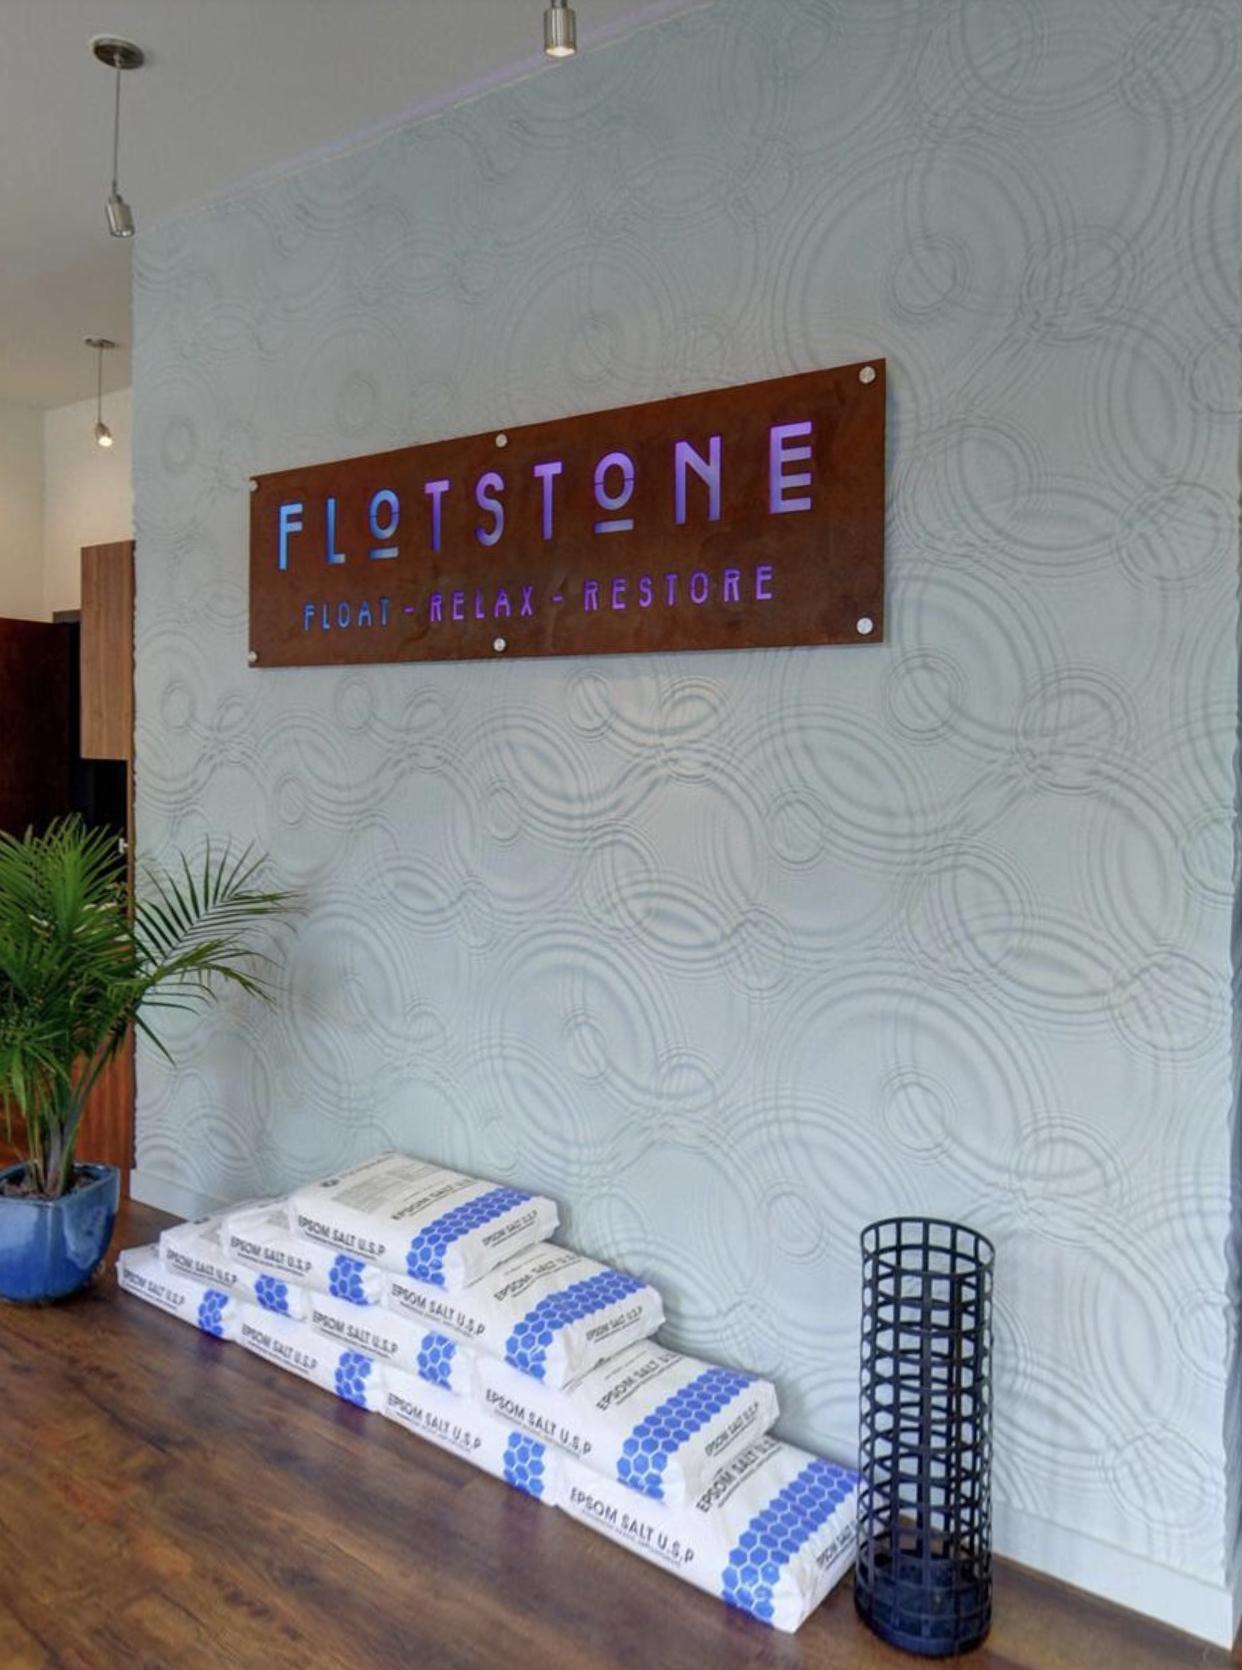 Flōtstōne